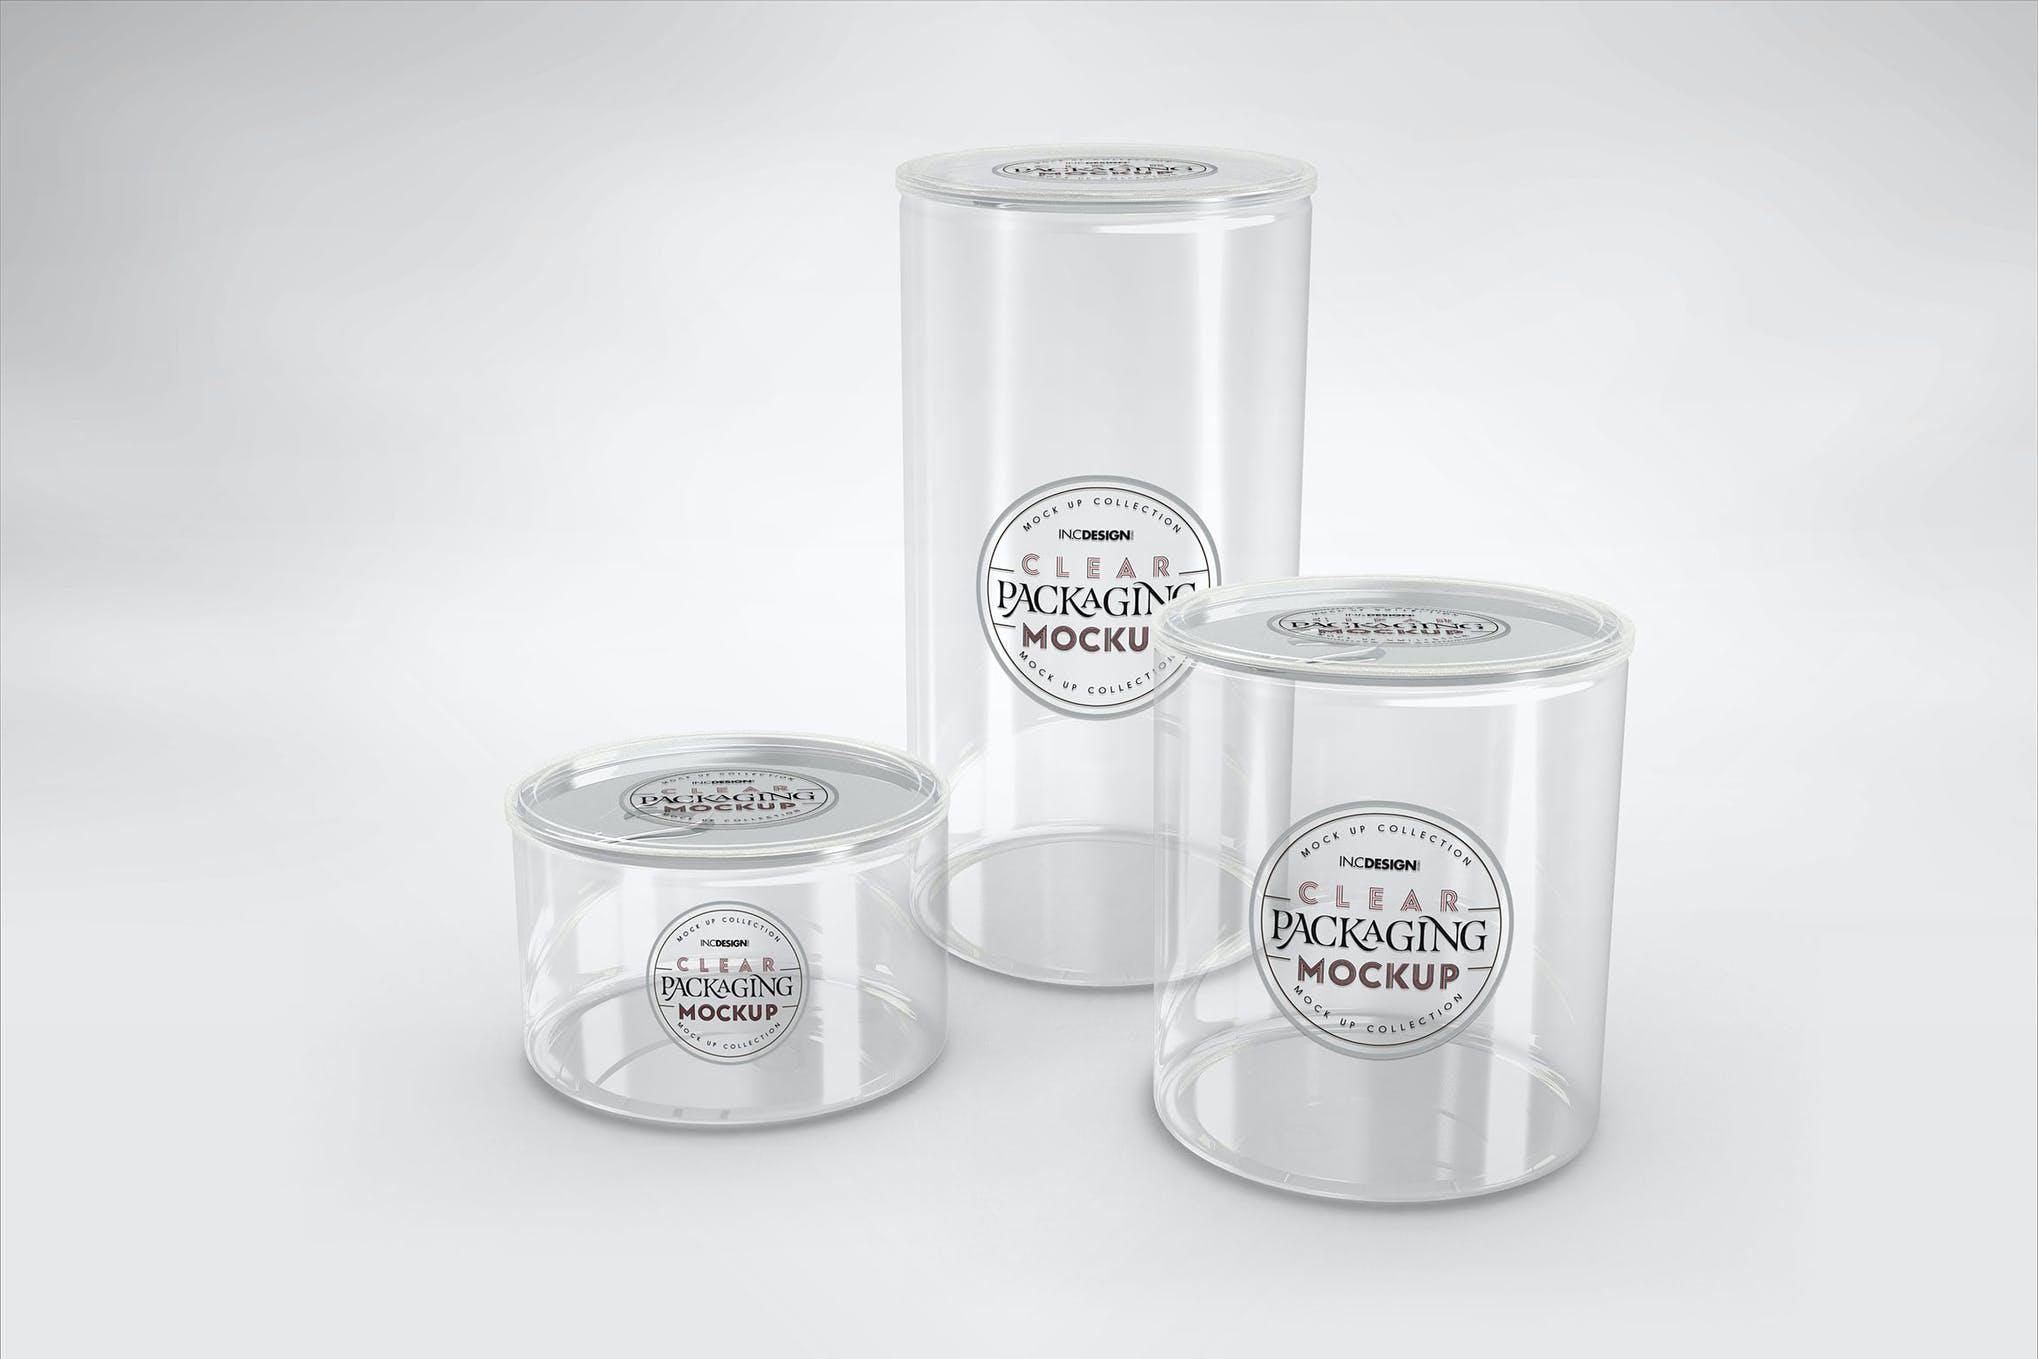 透明塑料圆形包装盒